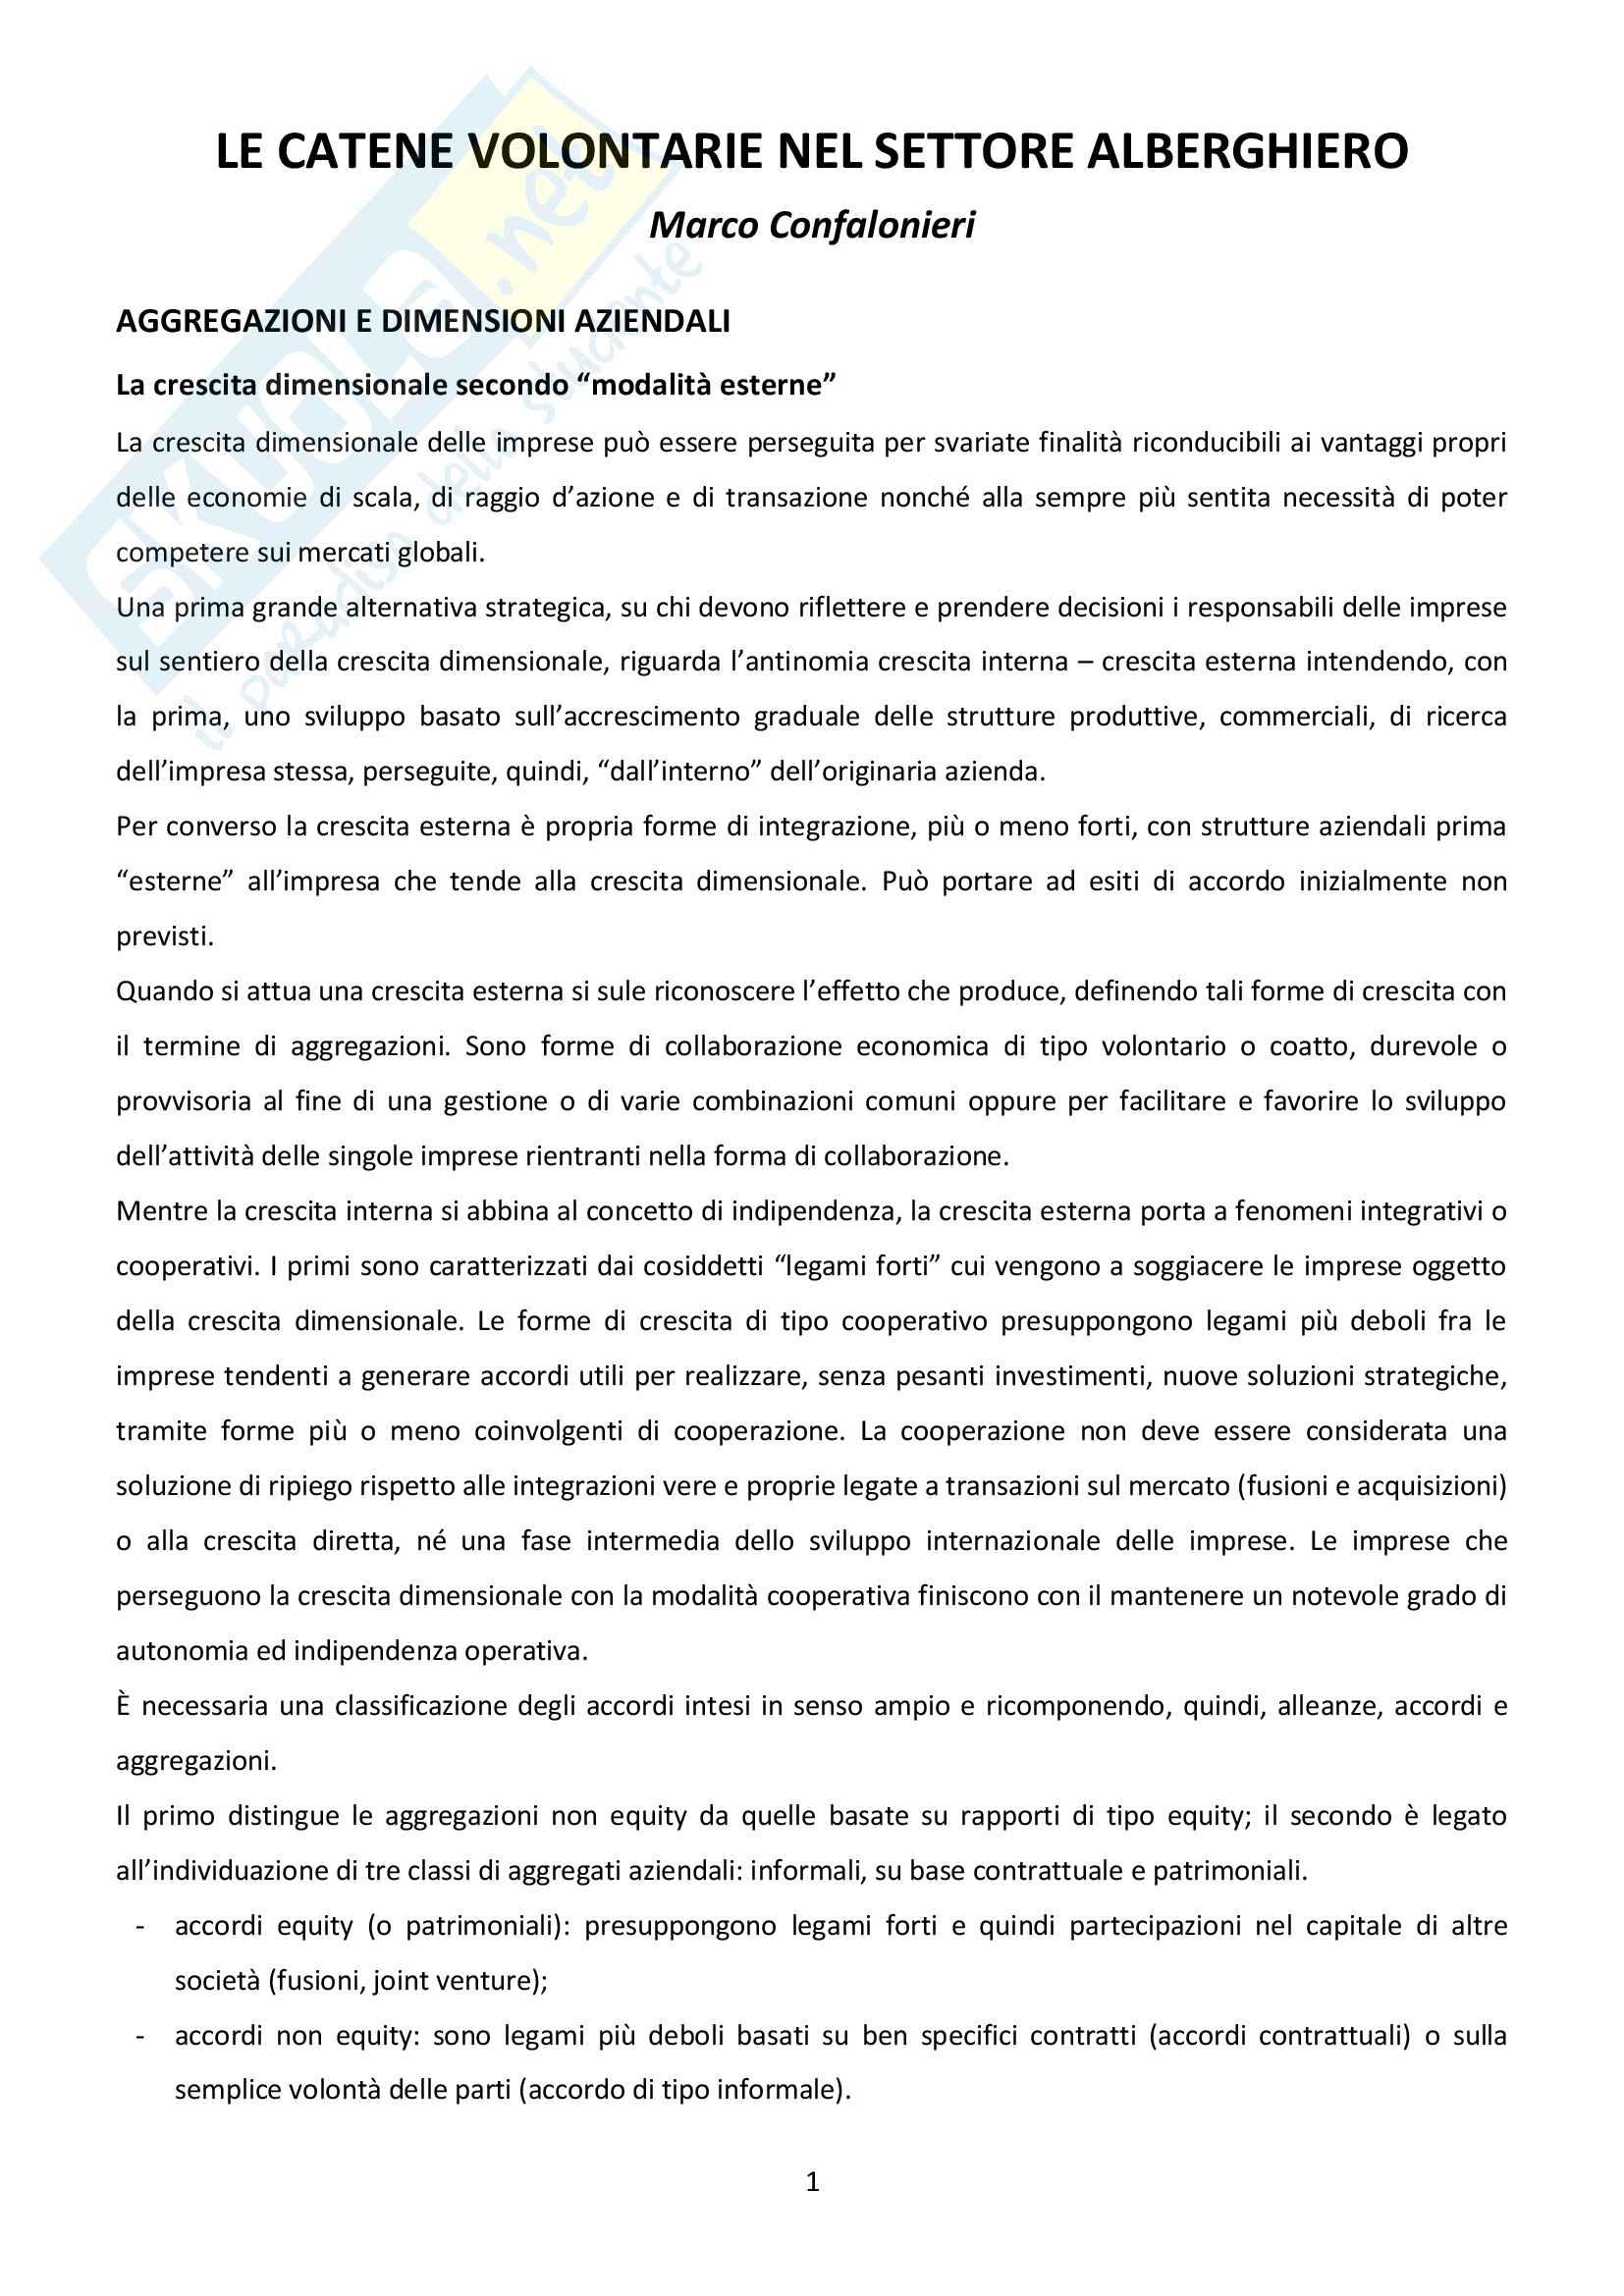 """Riassunto esame Economia e gestione delle imprese turistiche, prof. Confalonieri, libro consigliato """"Le catene volontarie nel settore alberghiero"""""""